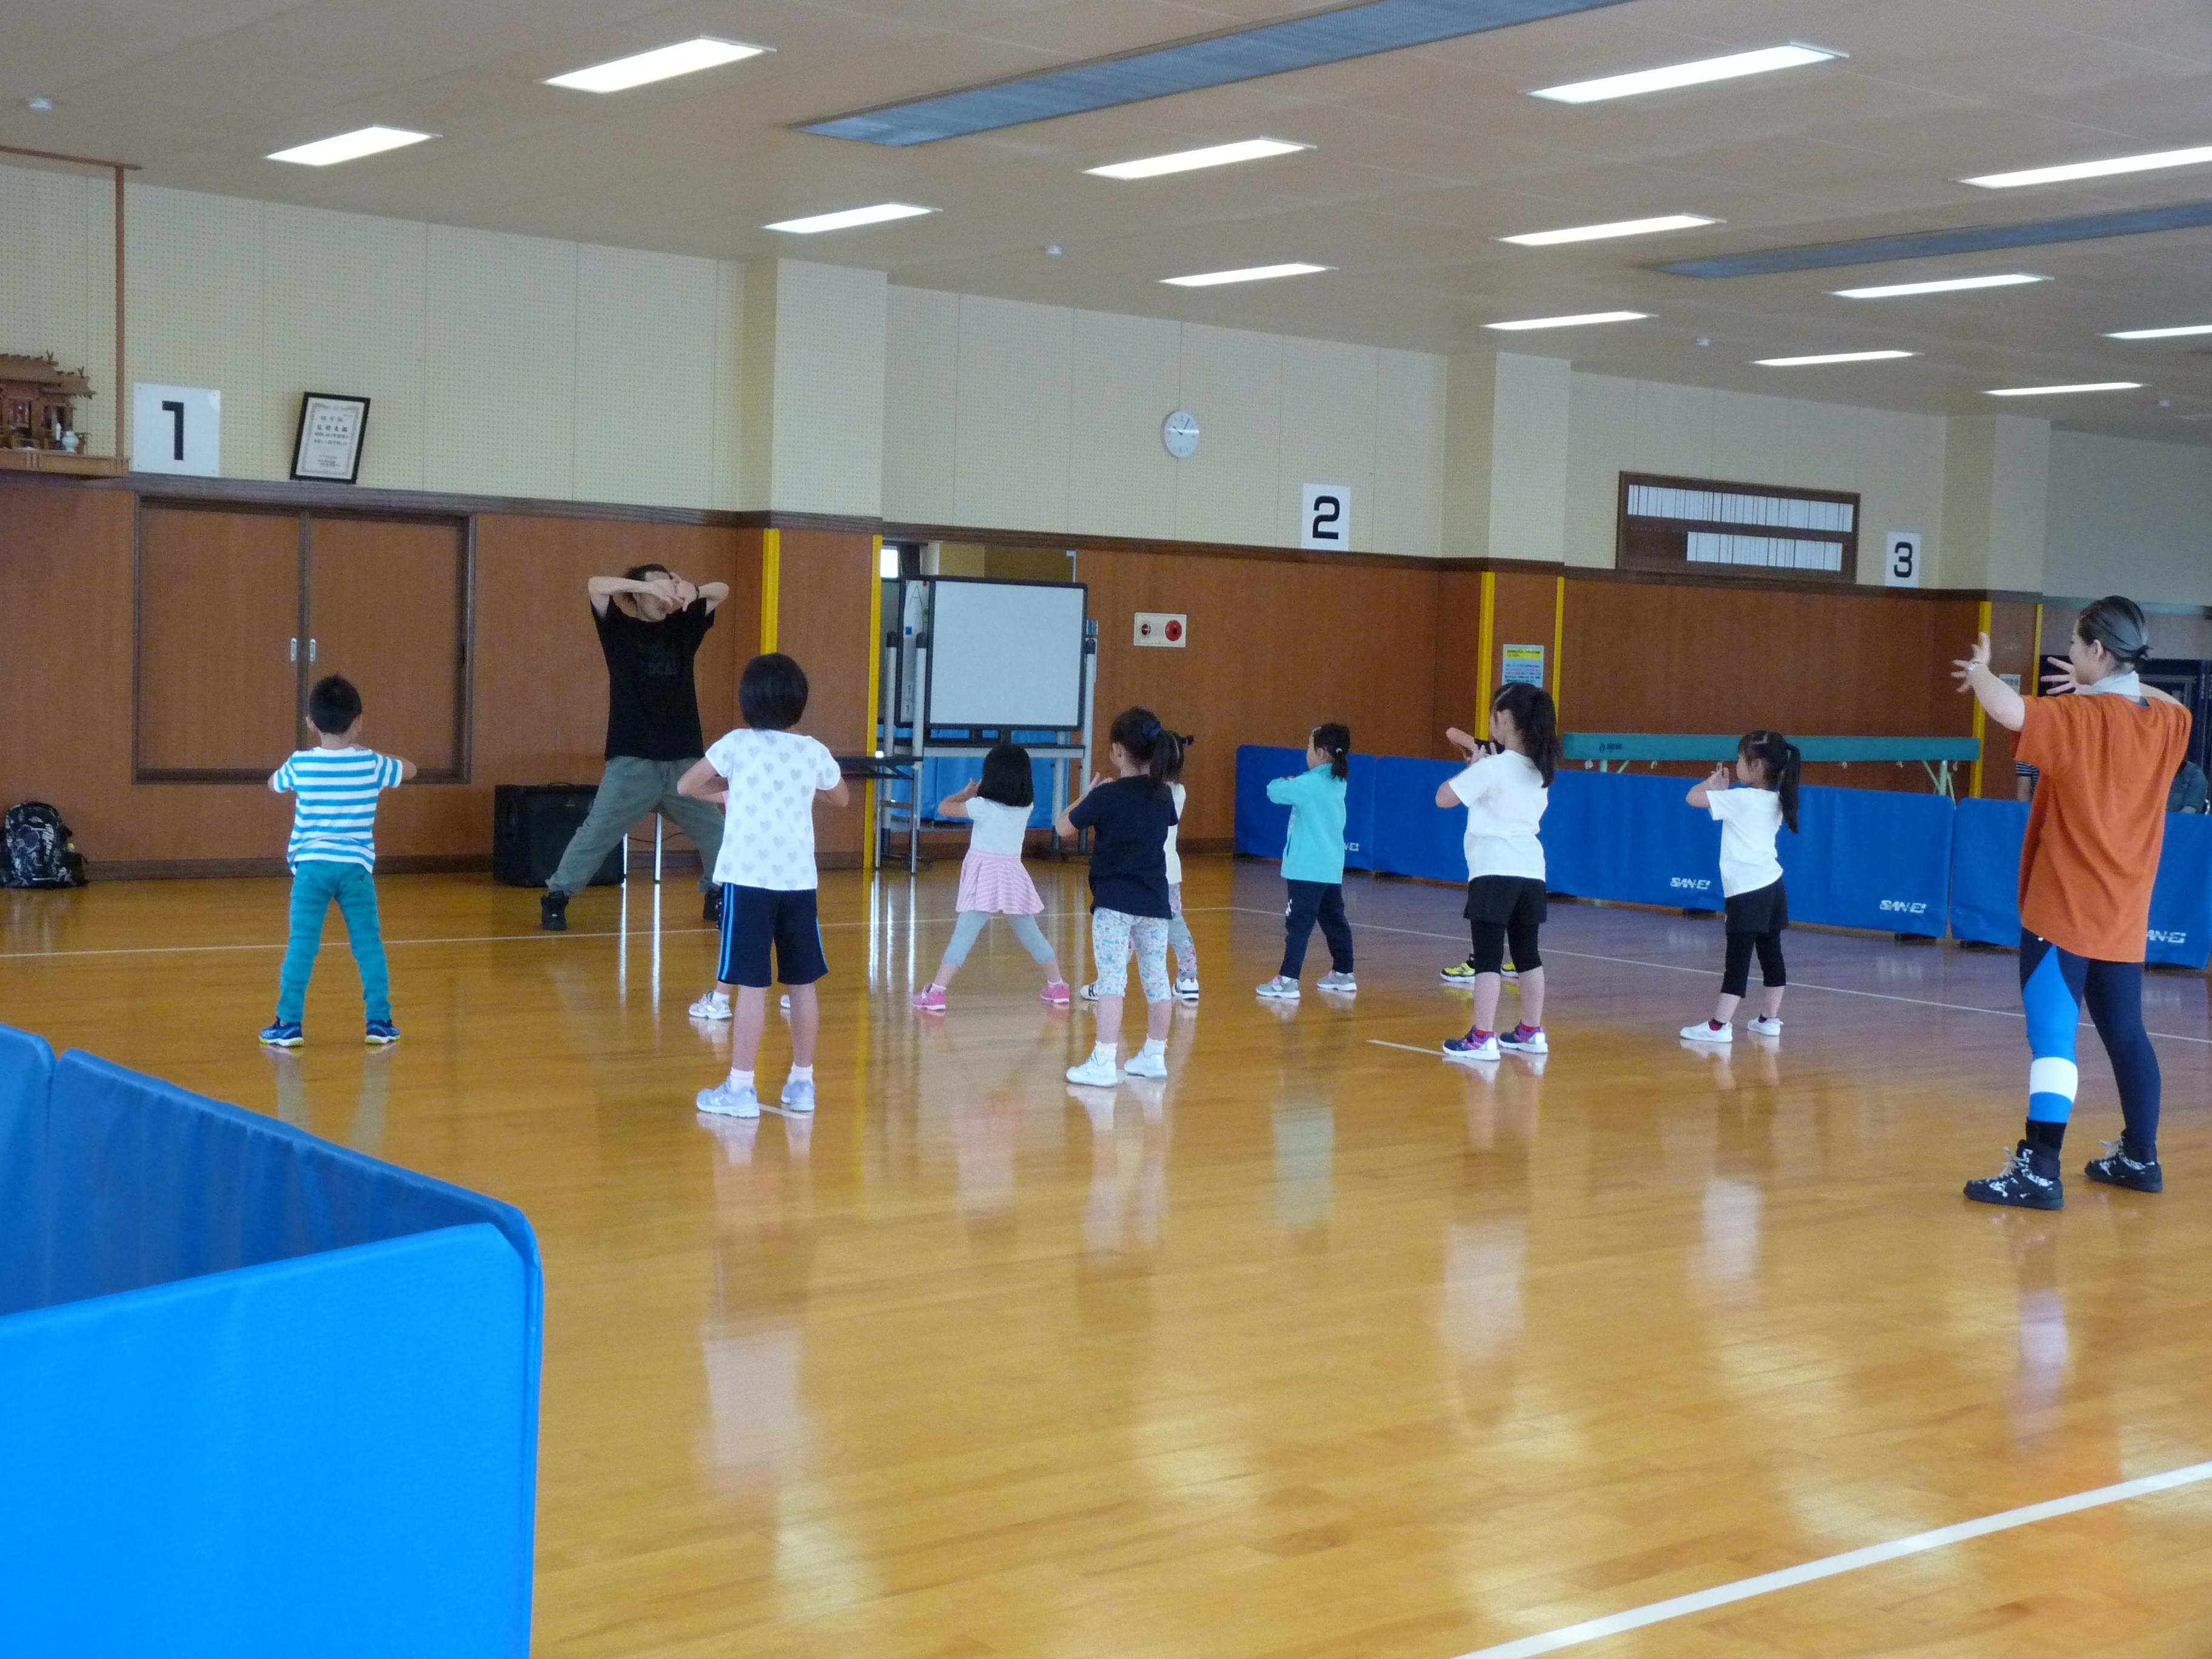 キッズリズムダンス教室